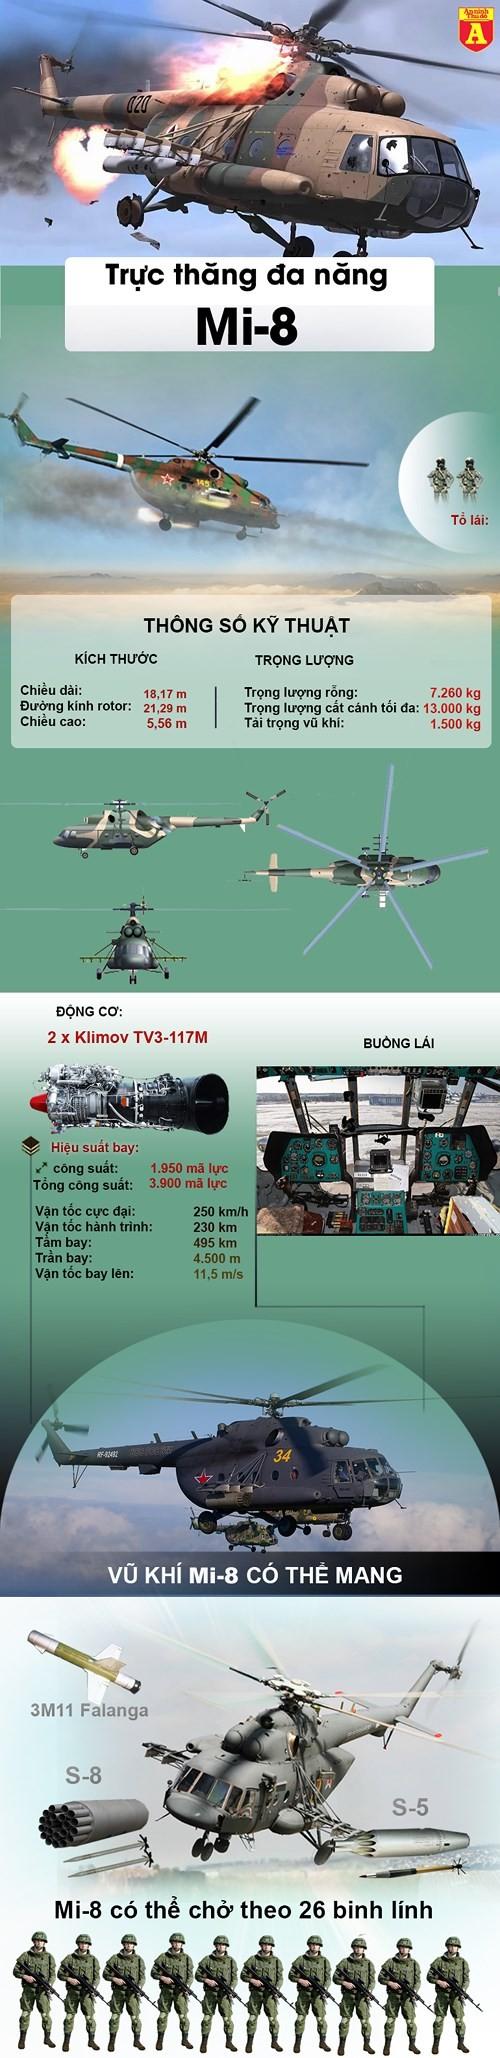 [ĐỒ HỌA] Trực thăng Mi-8 Nga rơi, toàn bộ 18 người thiệt mạng ảnh 2